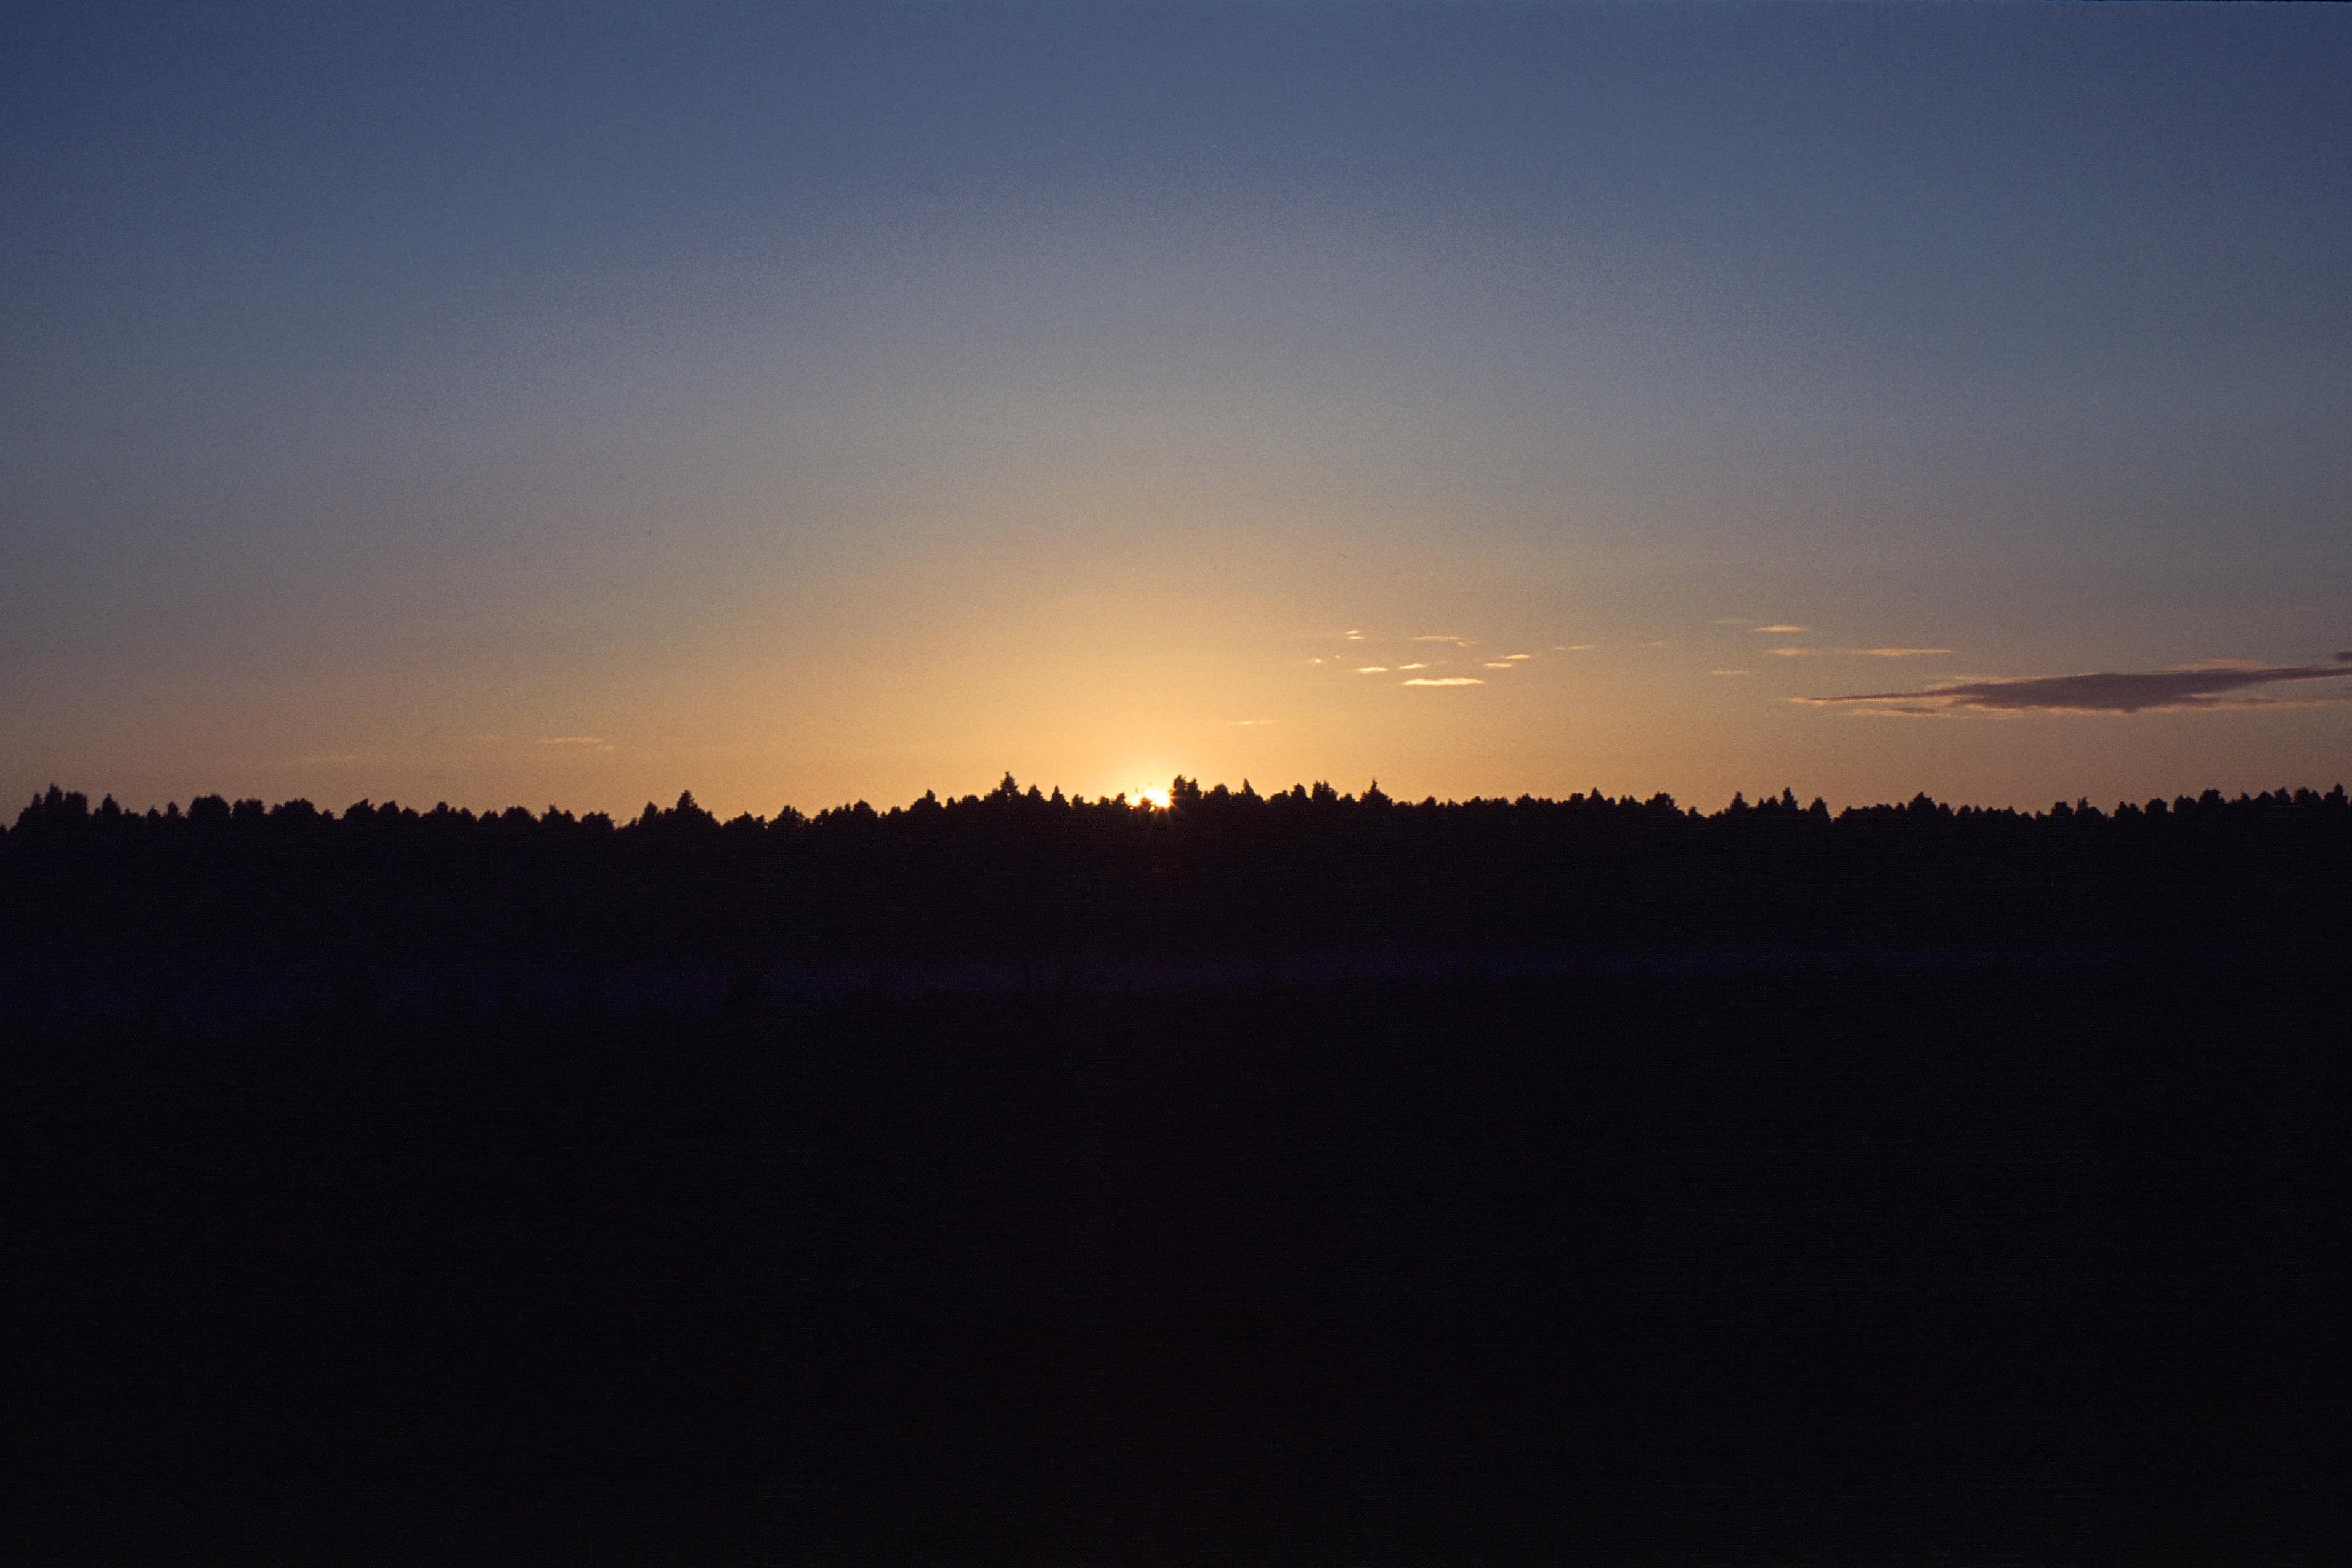 Coucher de soleil à Virtsu, juin 2015